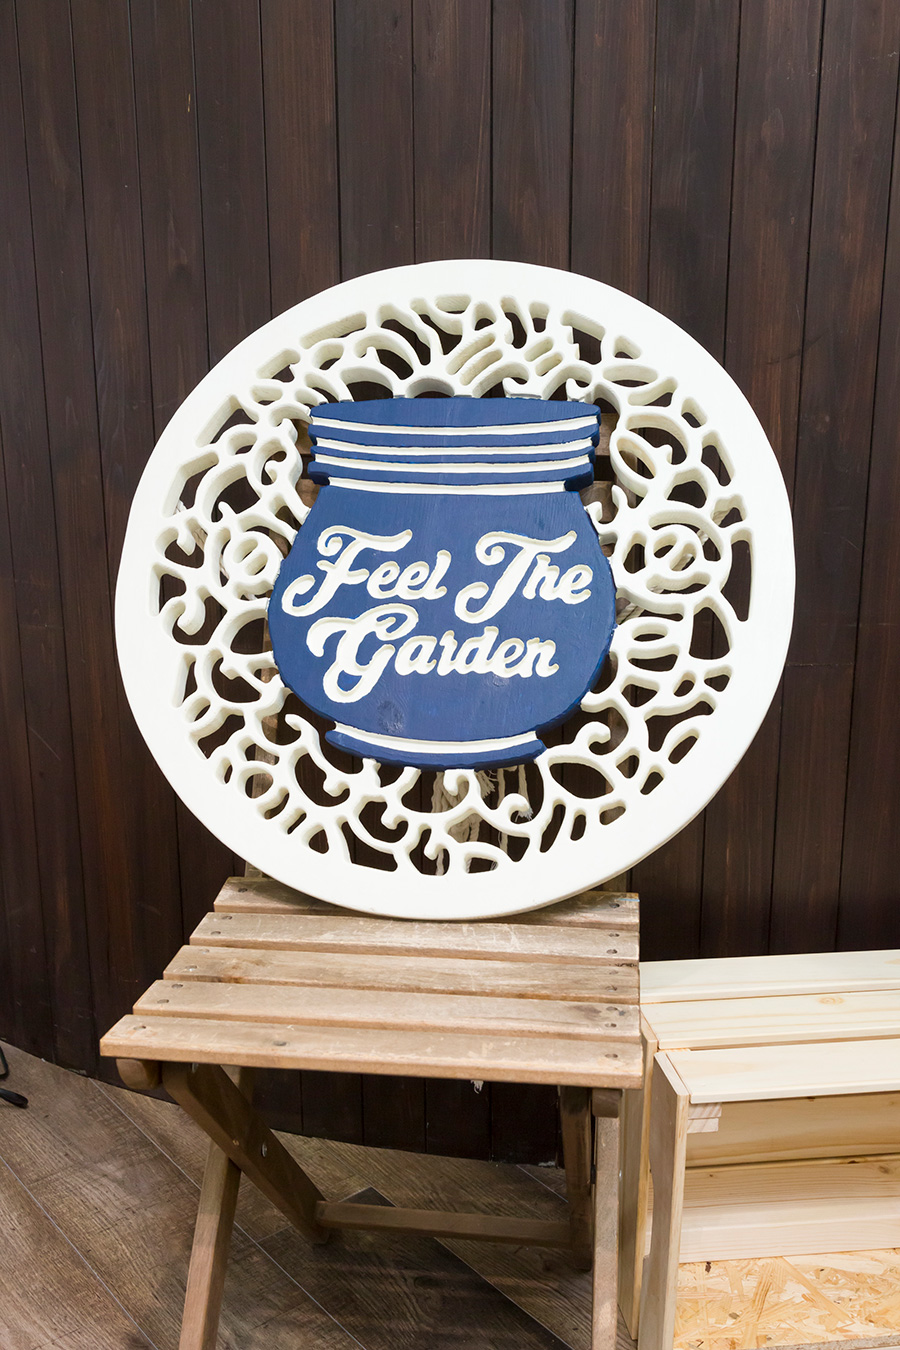 『Feel The Garden』では、大小様々な苔のテラリウムの販売をはじめ、自分で苔のテラリウムの制作を楽しむためのキット、ワークショップなどを開催している。